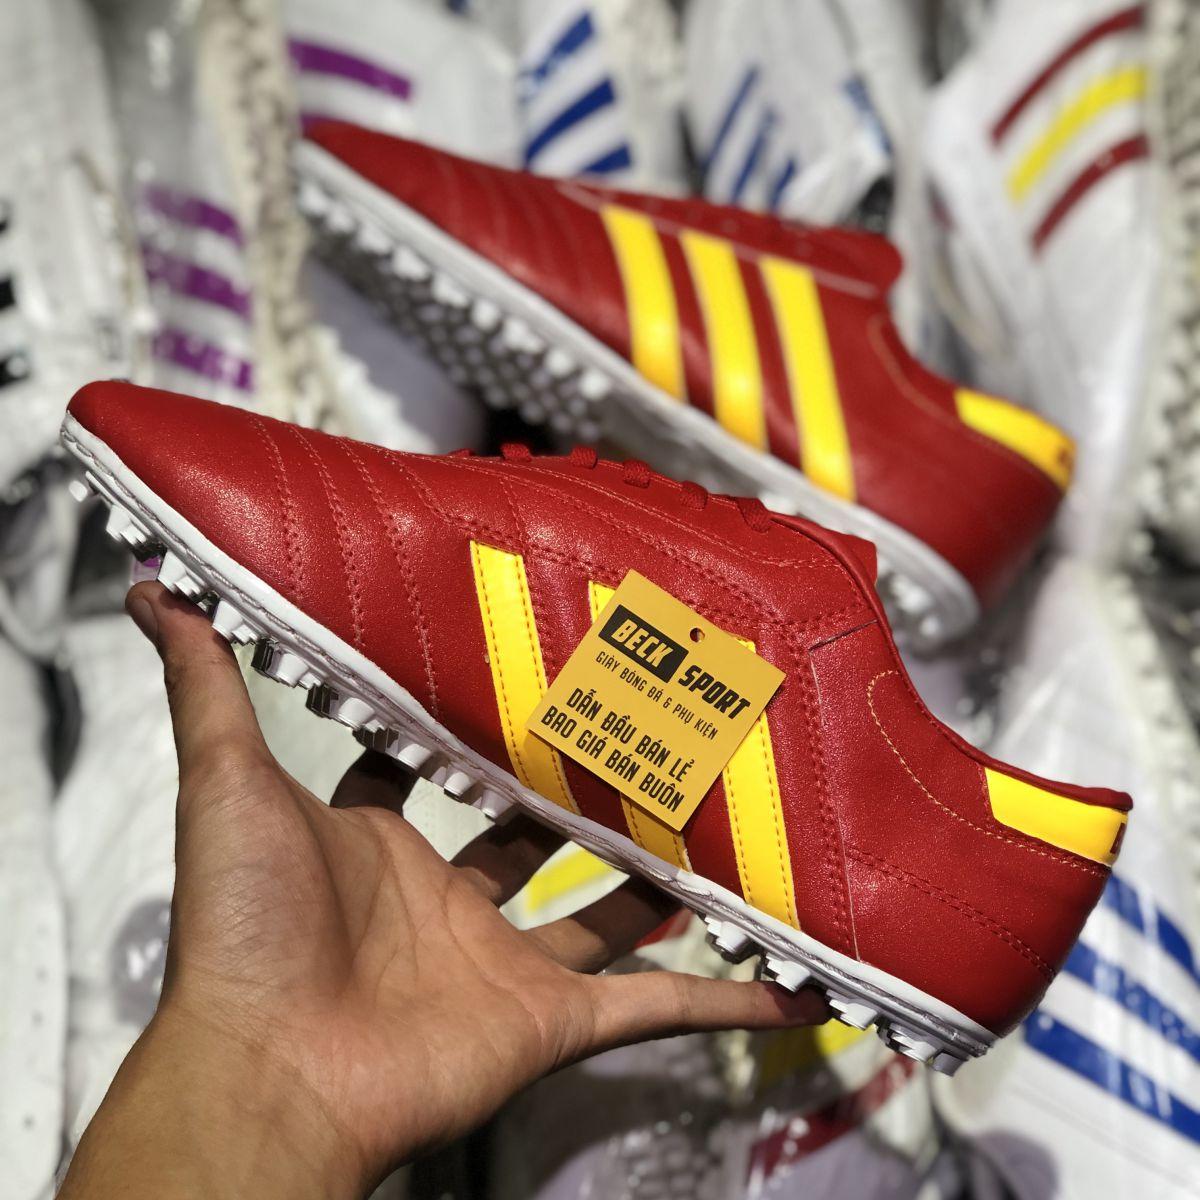 Giày Phủi 3 Sọc Loại 1 - Beck Đỏ Sọc Vàng